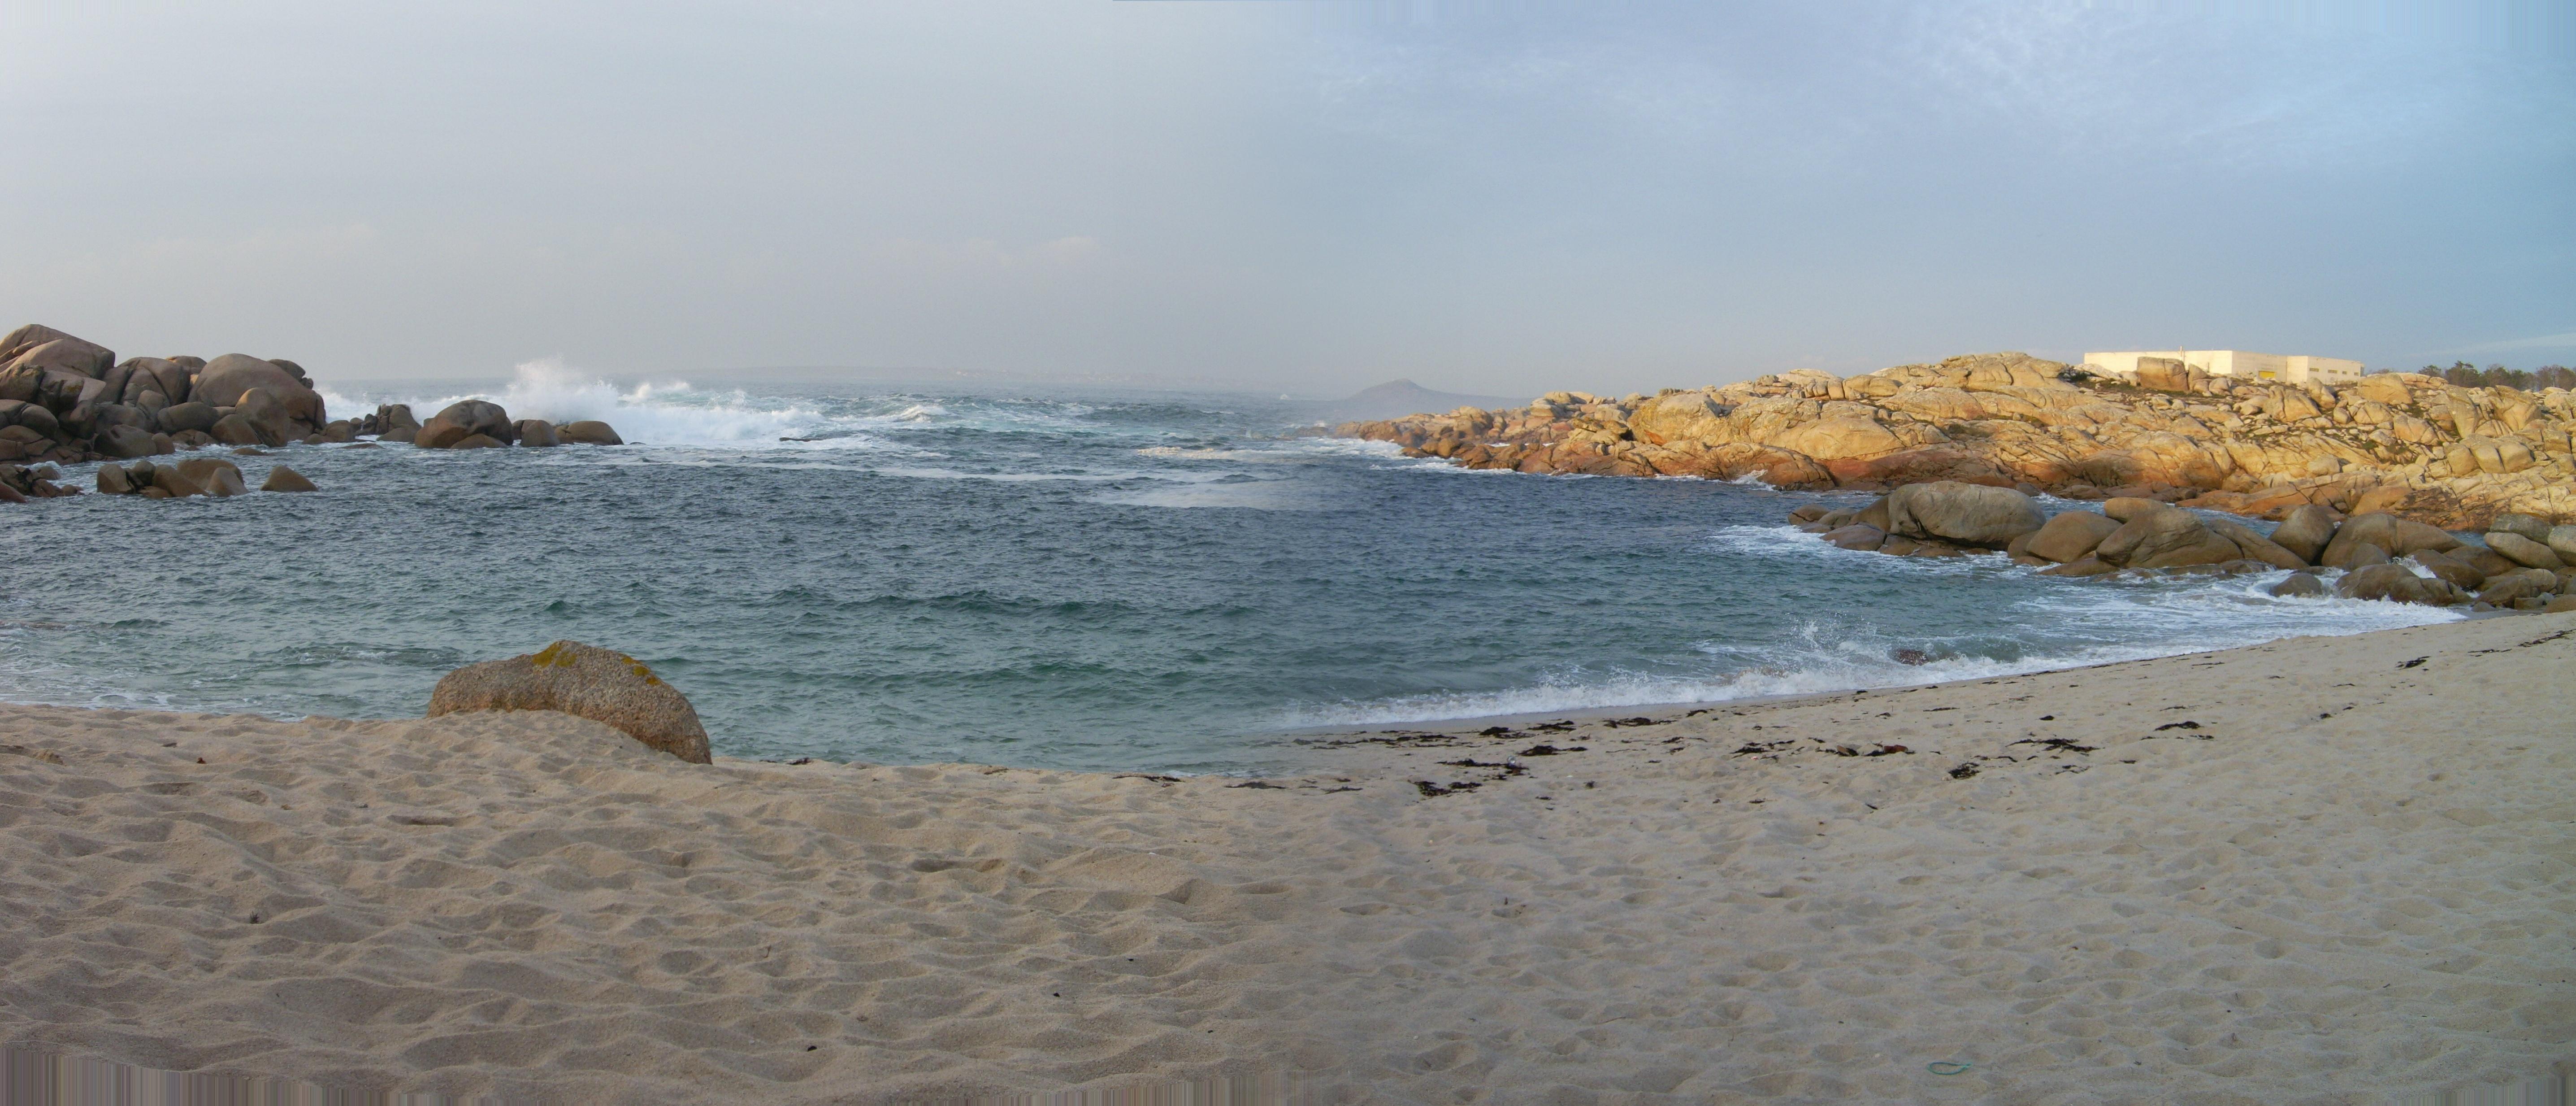 Foto playa Area Basta. Praia de Area Basta